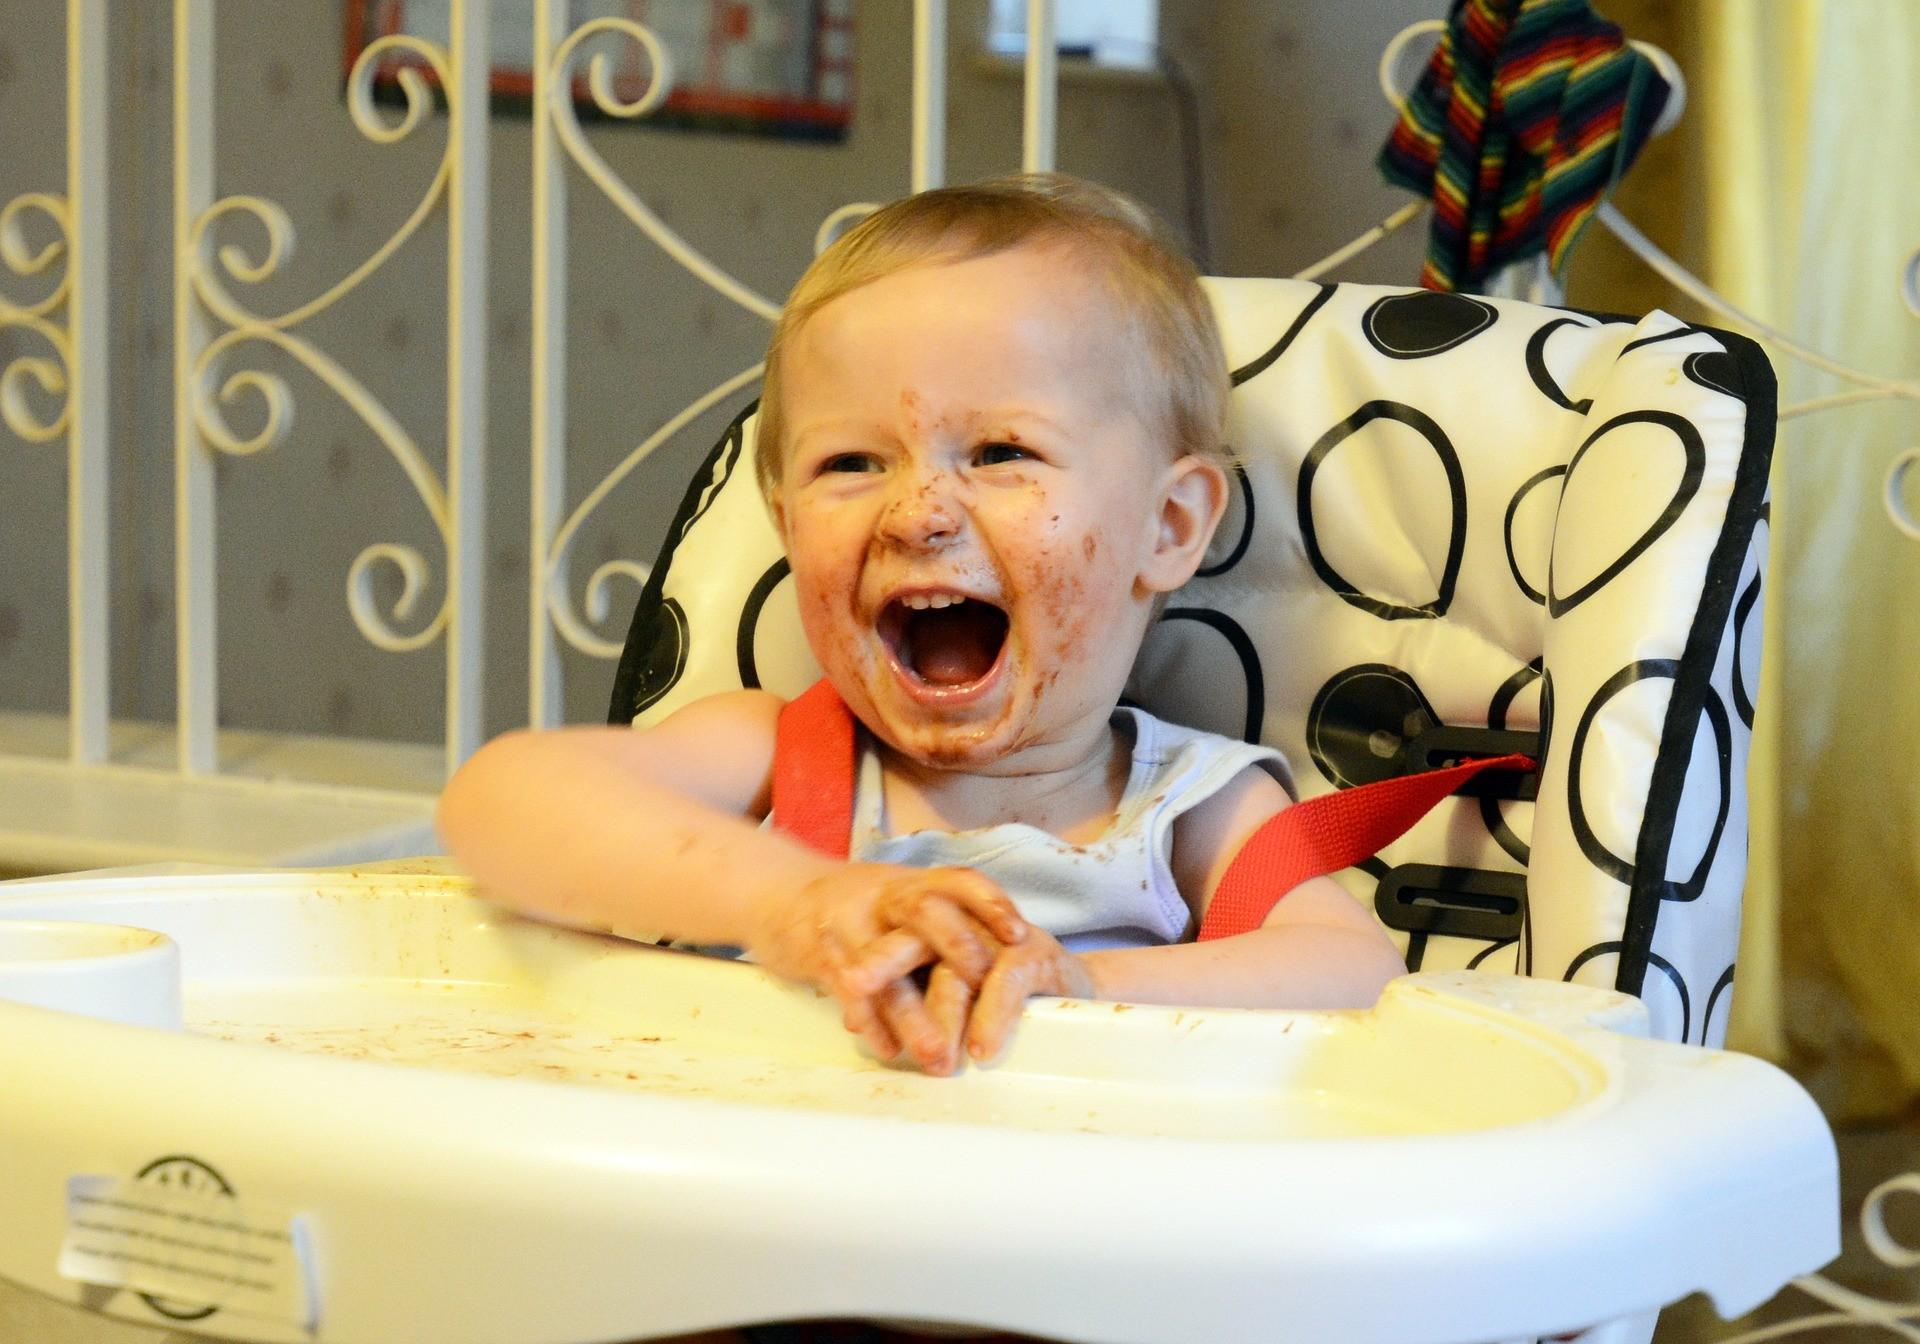 ▲小孩,寶寶,哭,吃,笑。(圖/取自免費圖庫Pixabay)